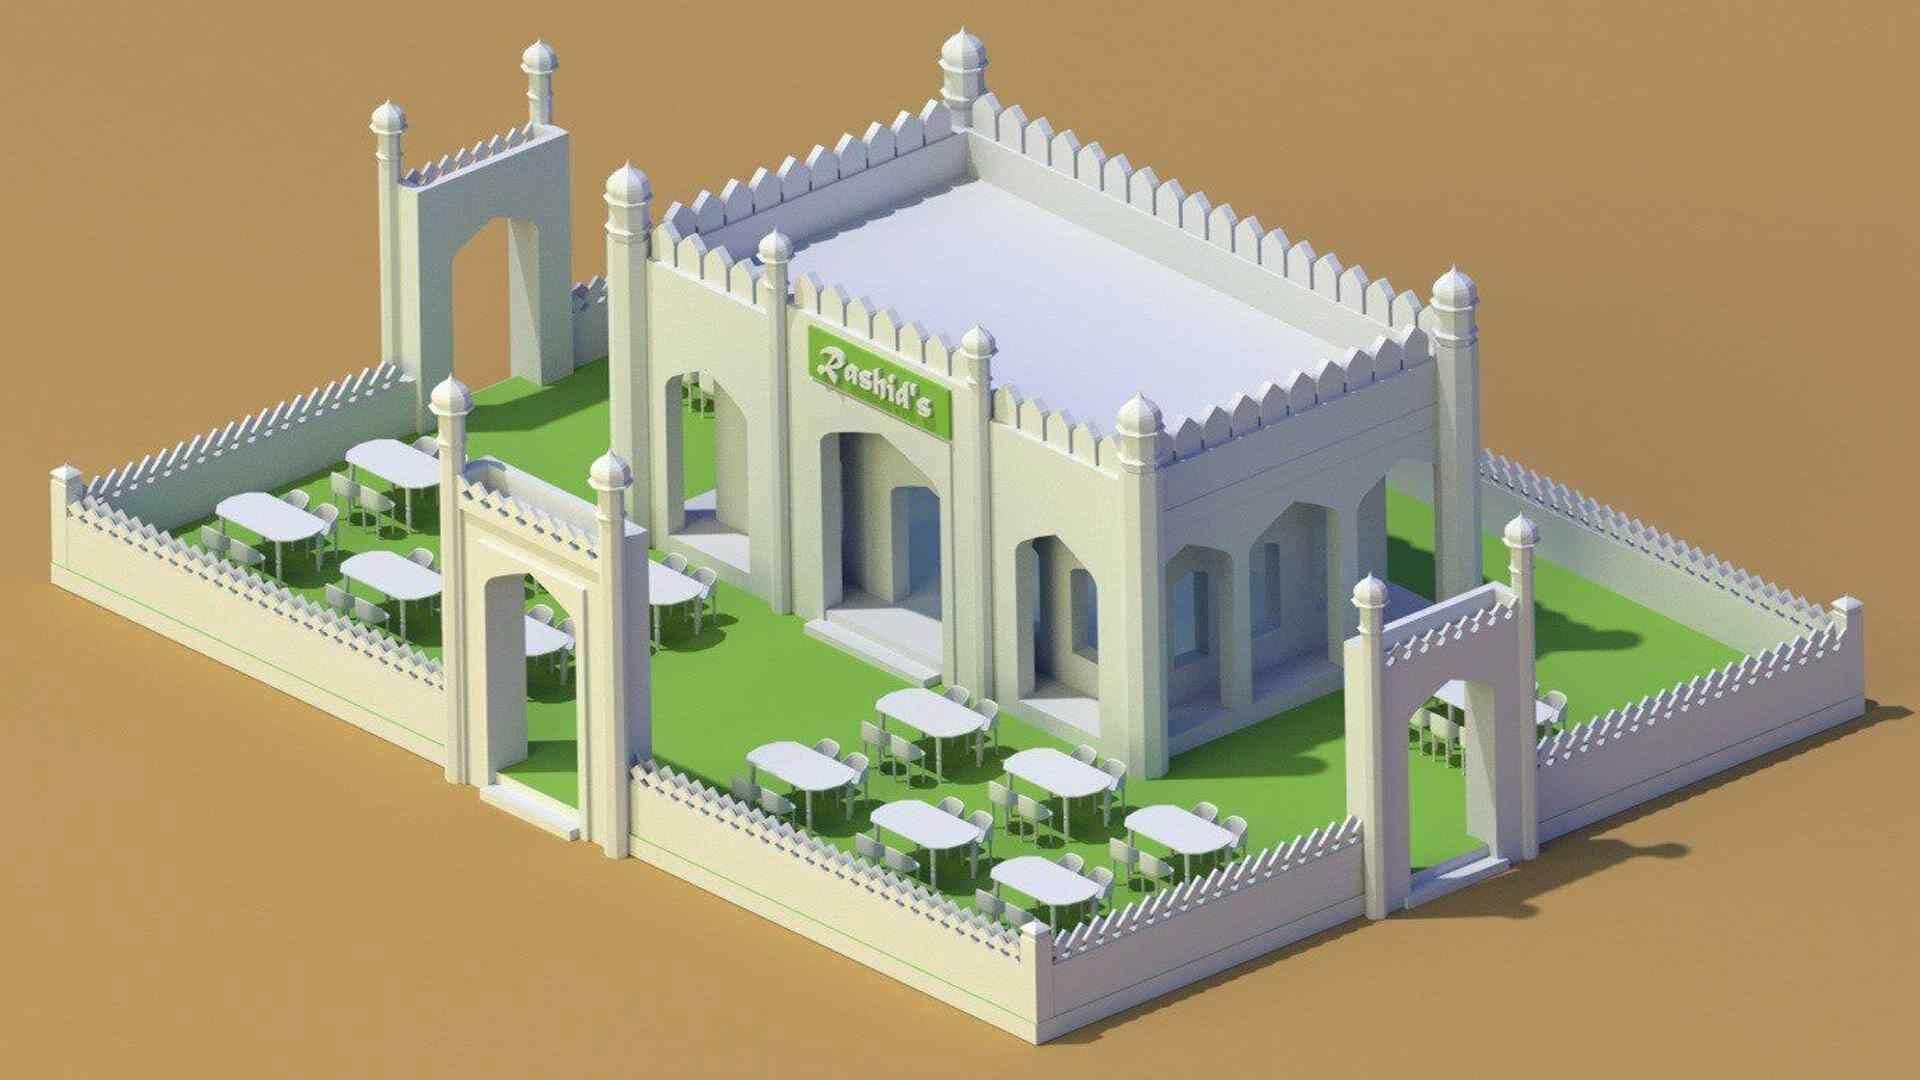 rishads-restaurant